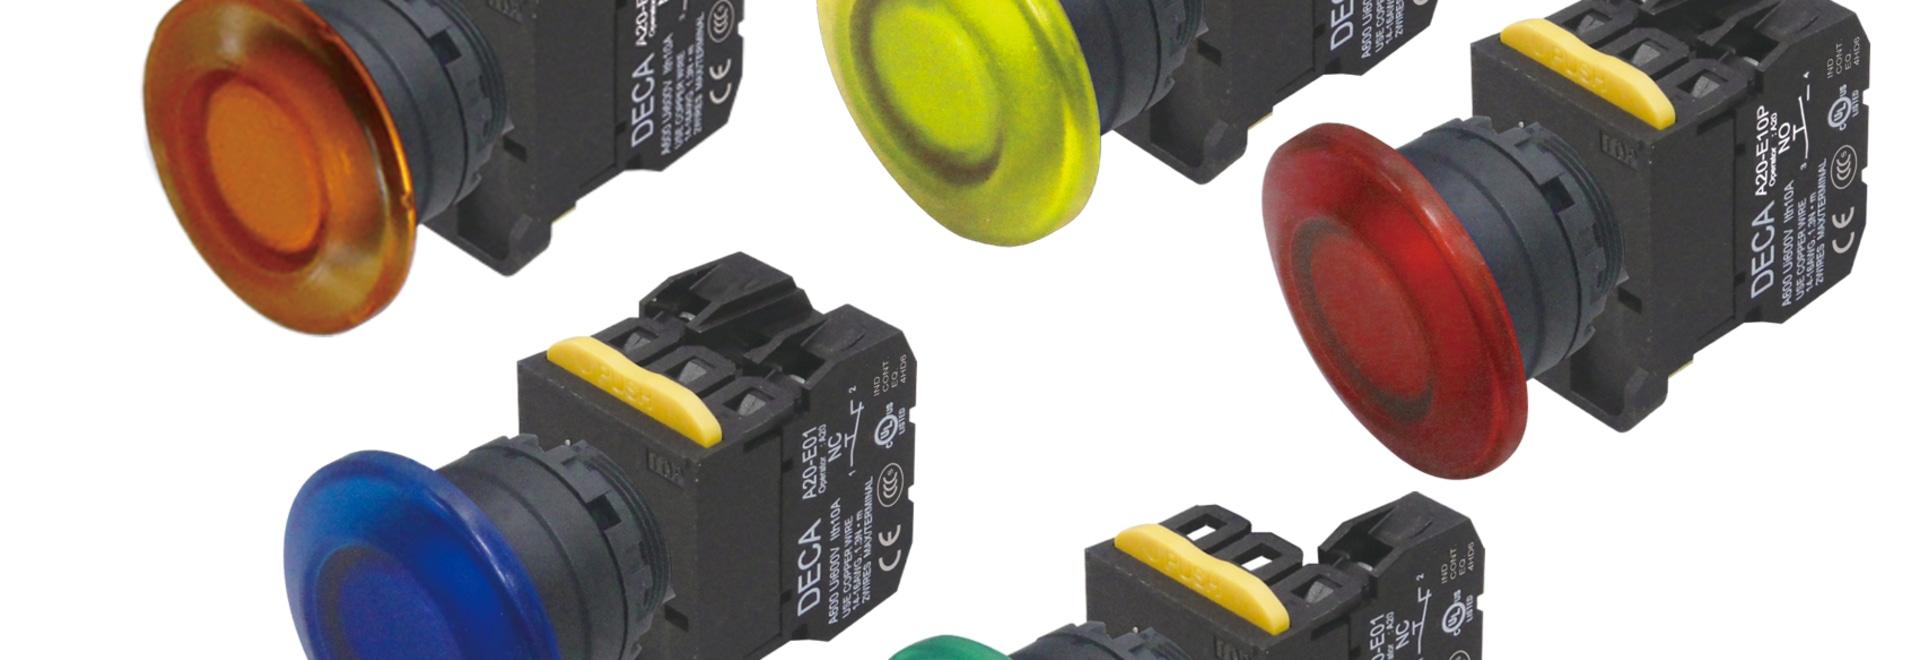 DECA iluminó los botones - proliferan rápidamente Ø40mm